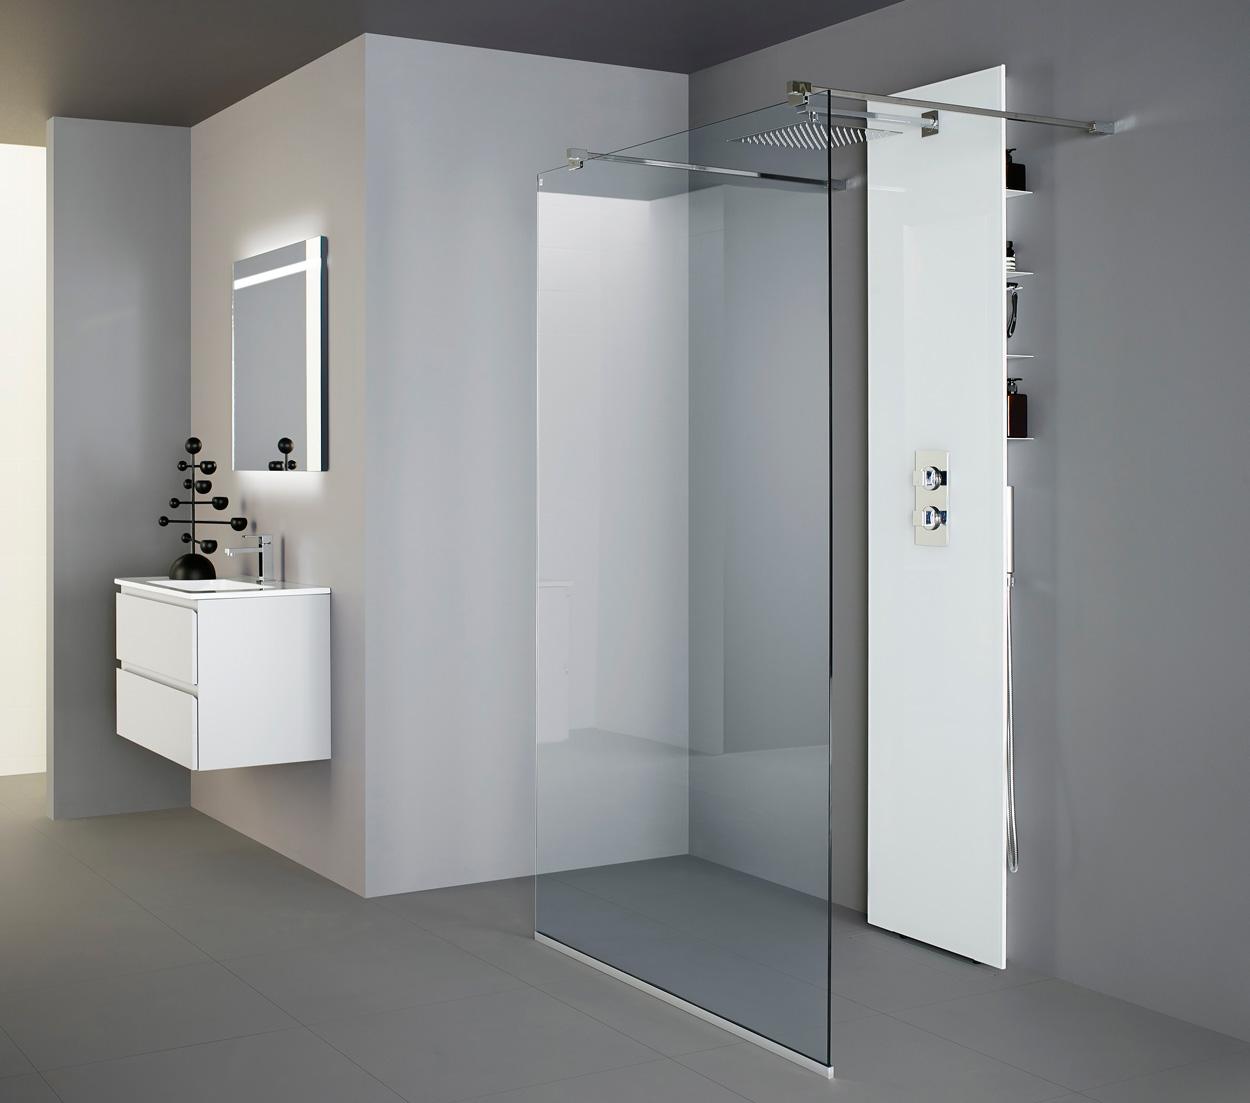 Splitter nya Badrumsinspiration: Vad är rätt duschväggar för ditt badrum? GI-13